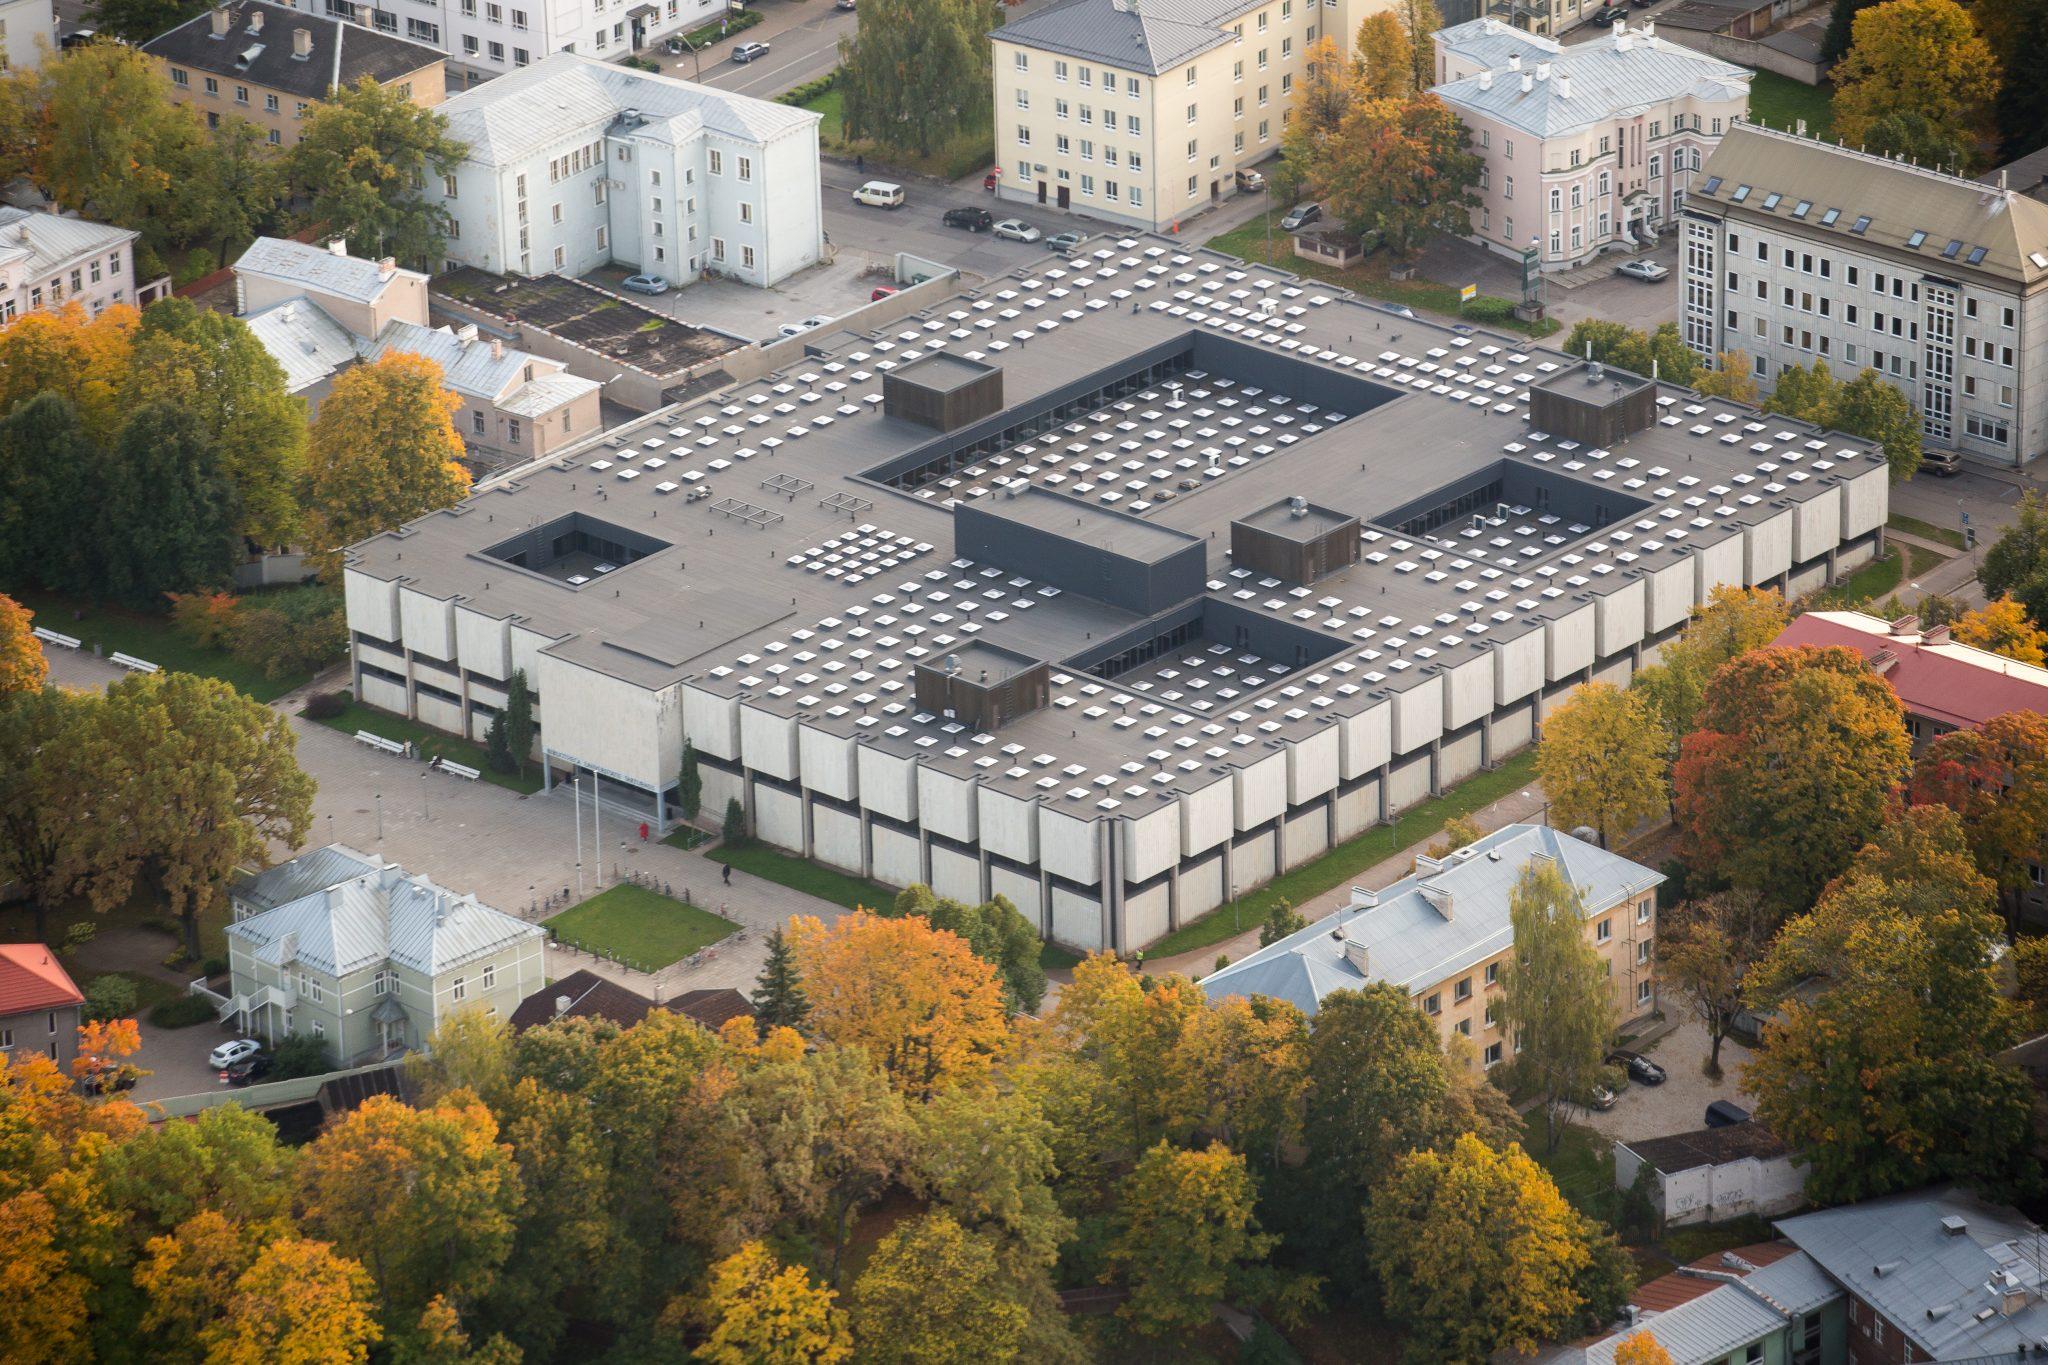 Pressiteade: Tartu ülikooli raamatukogus alustatakse rekonstrueerimistöödega